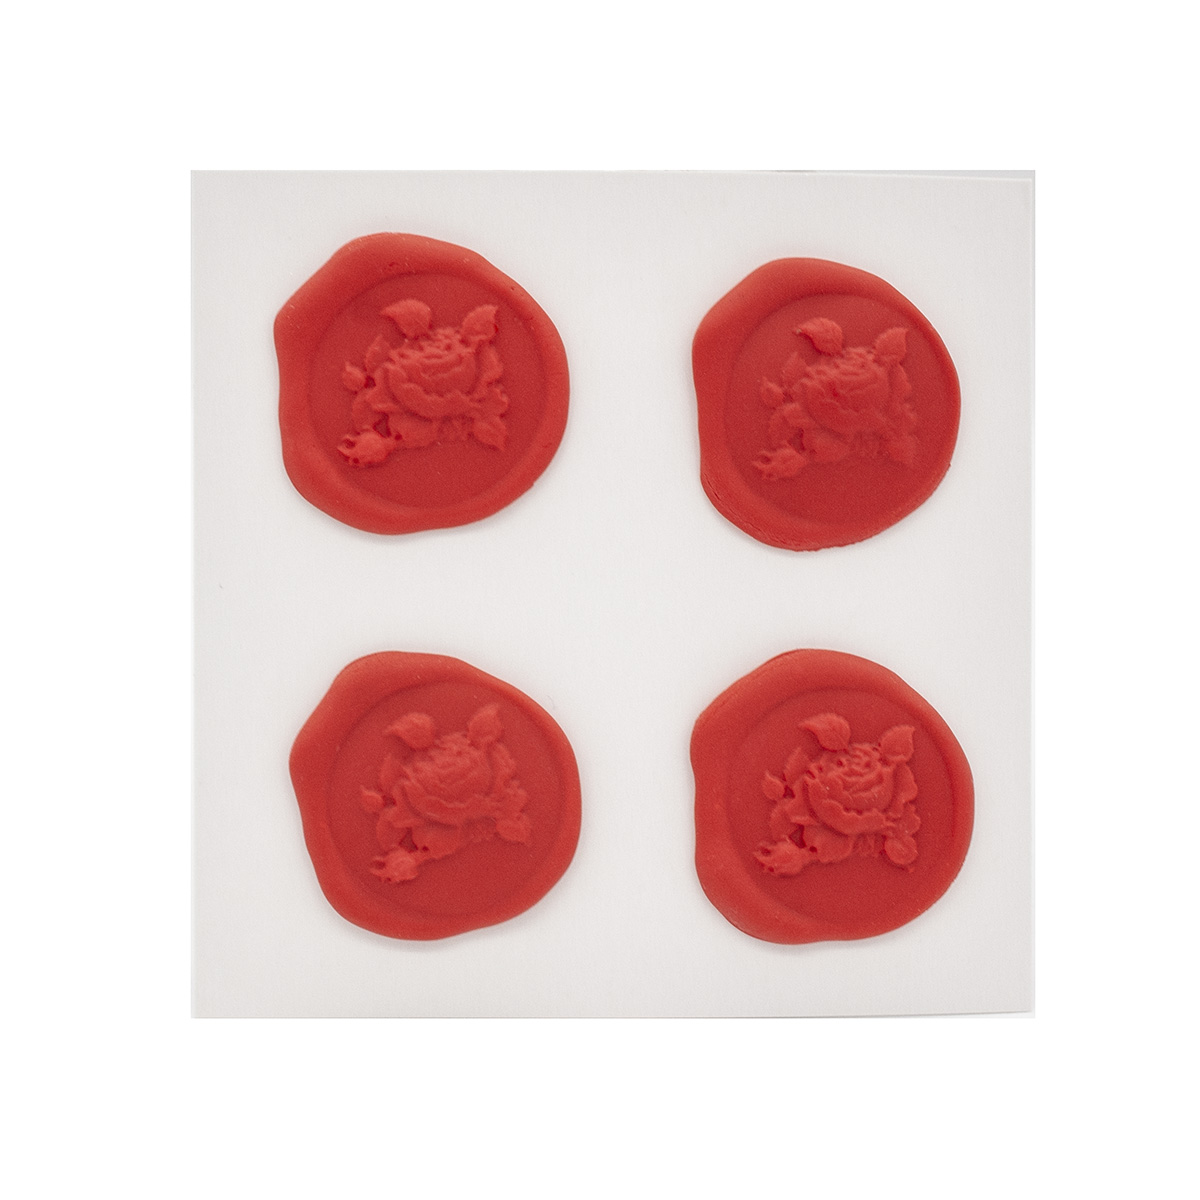 Оттиски печатей из полимерной глины 'Роза' 30*35мм, 4шт/упак Астра